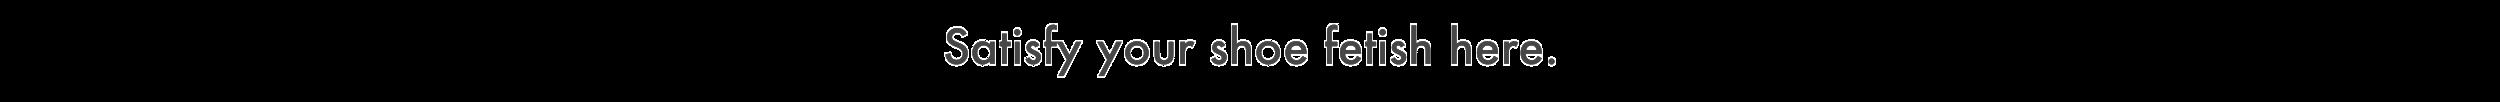 shoez.png